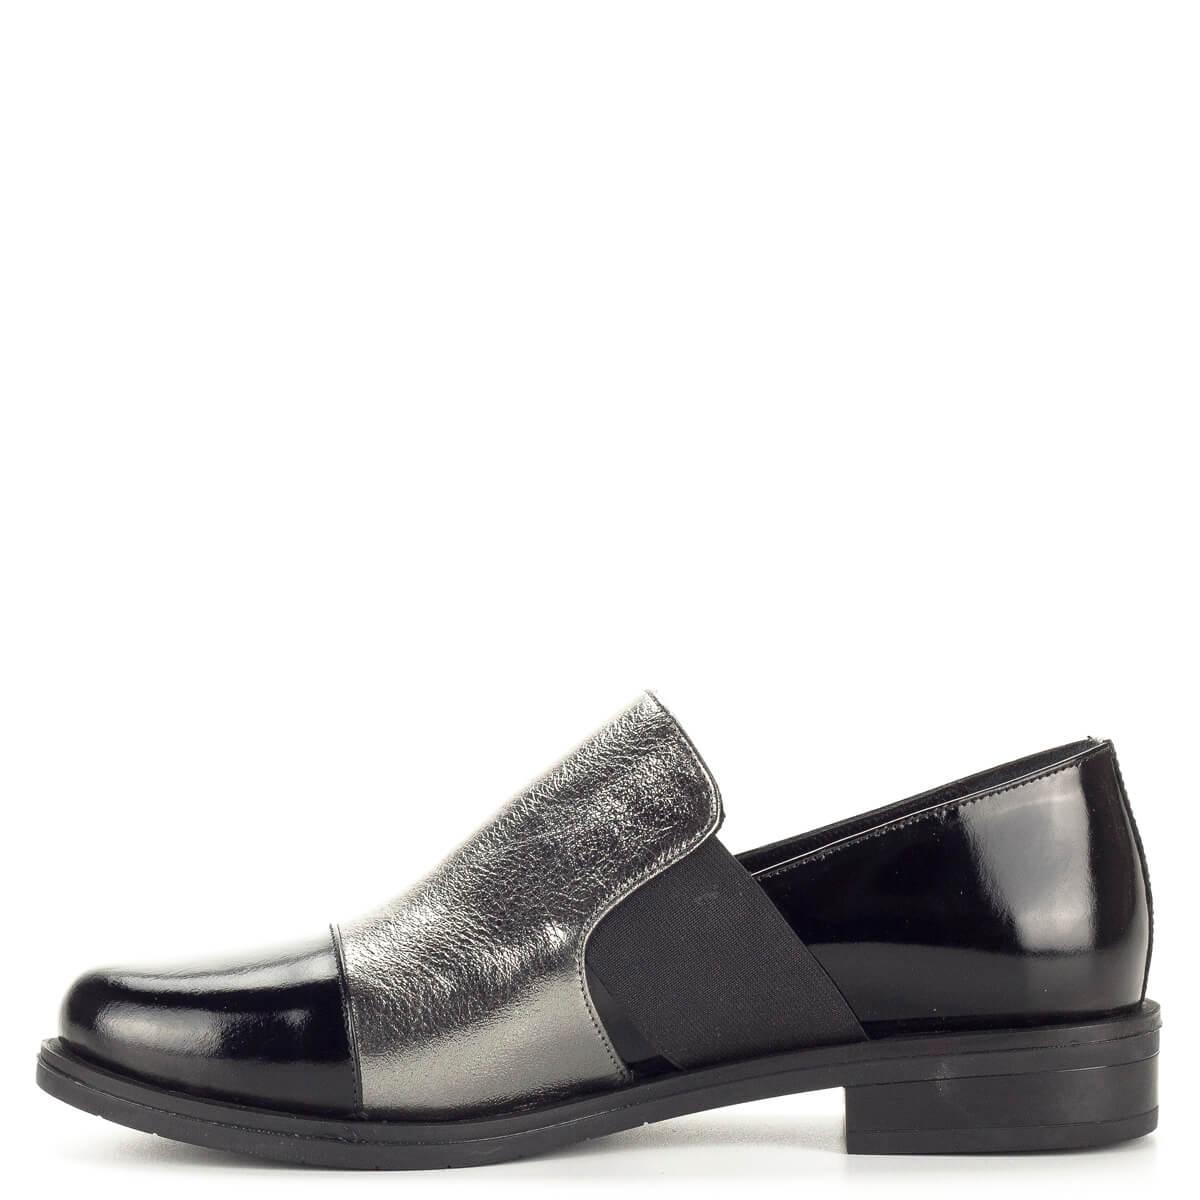 452cb02822 A cipő enyhén; Sherlock Soon női bőr félcipő fekete lakk bőr és ezüst bőr  kombinálásával. A cipő enyhén